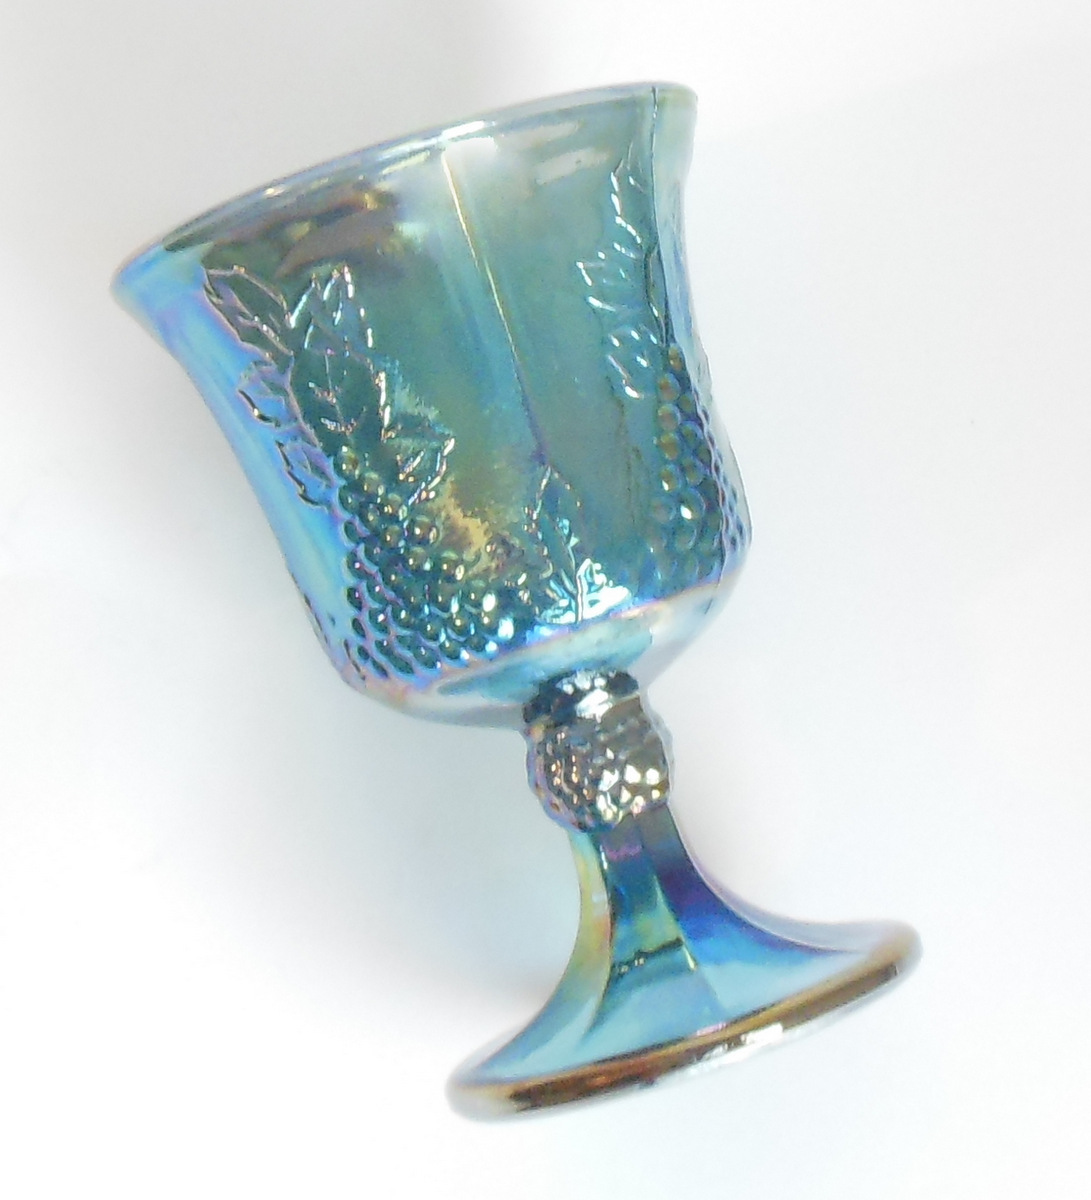 Indiana Harvest Blue Carnival Glass Goblet Iridescent Grapes Leaves Vintage